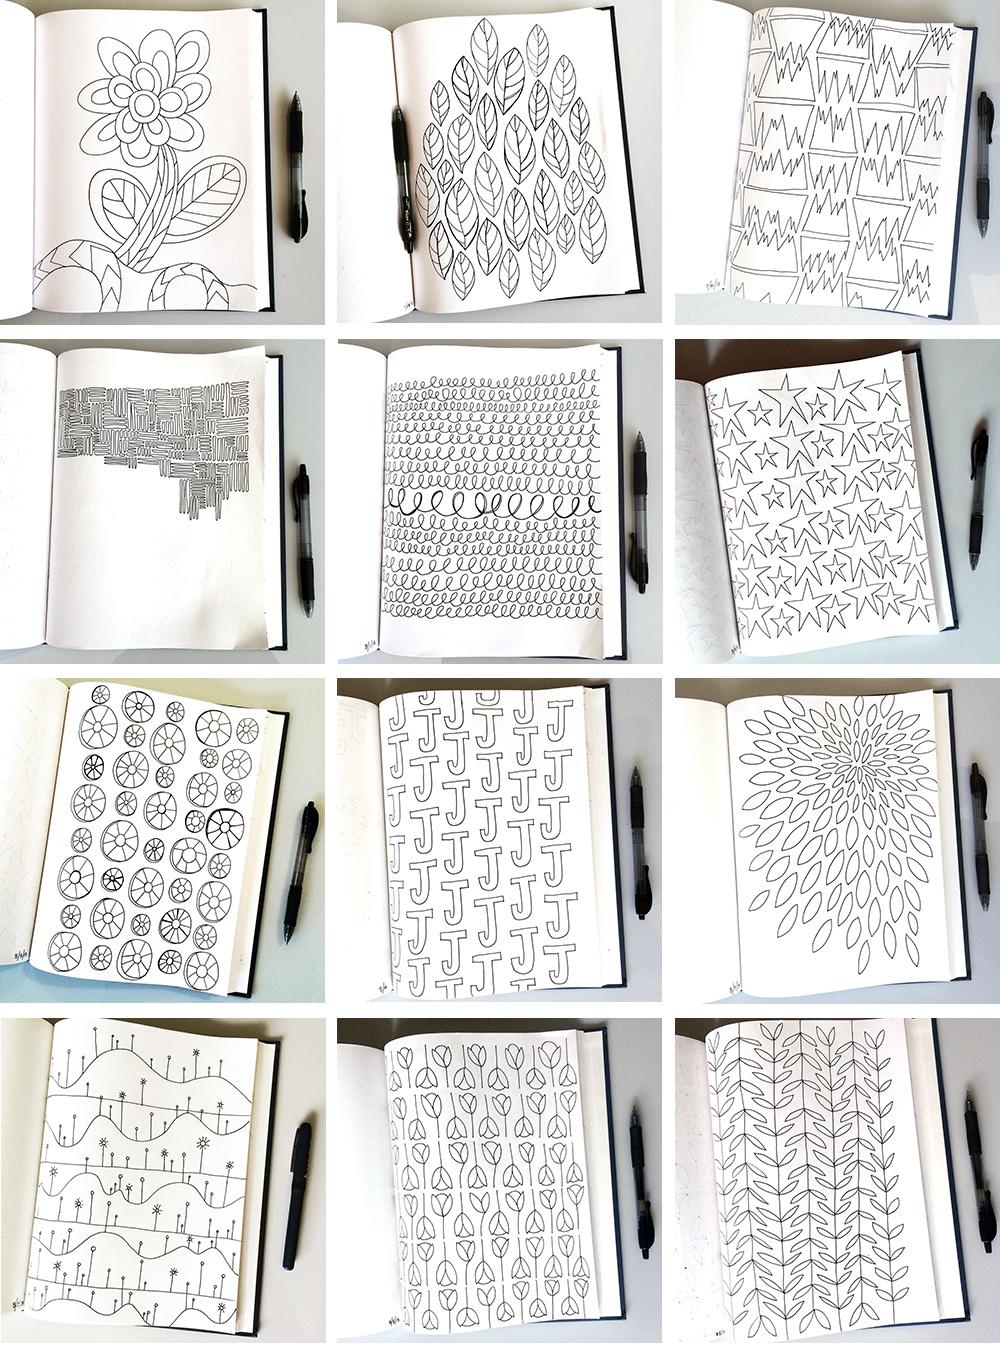 Sketchbook Pattern Drawings - Day 7-18